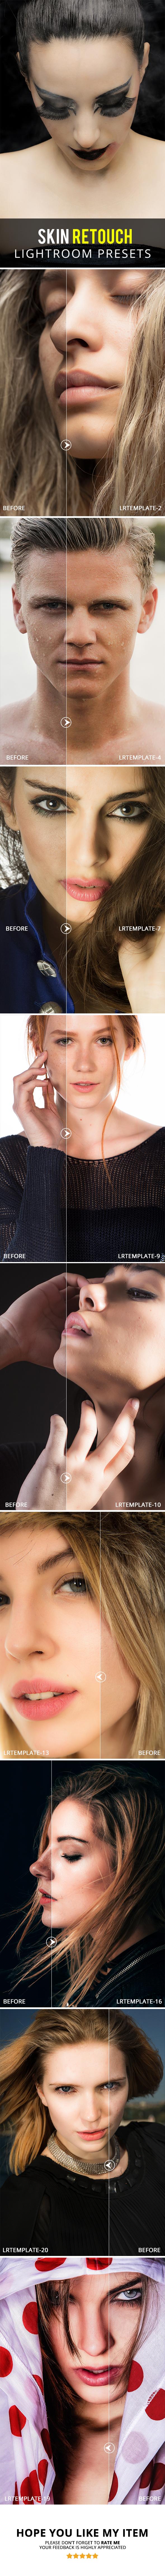 20 Skin Retouch Lightroom Presets - Lightroom Presets Add-ons